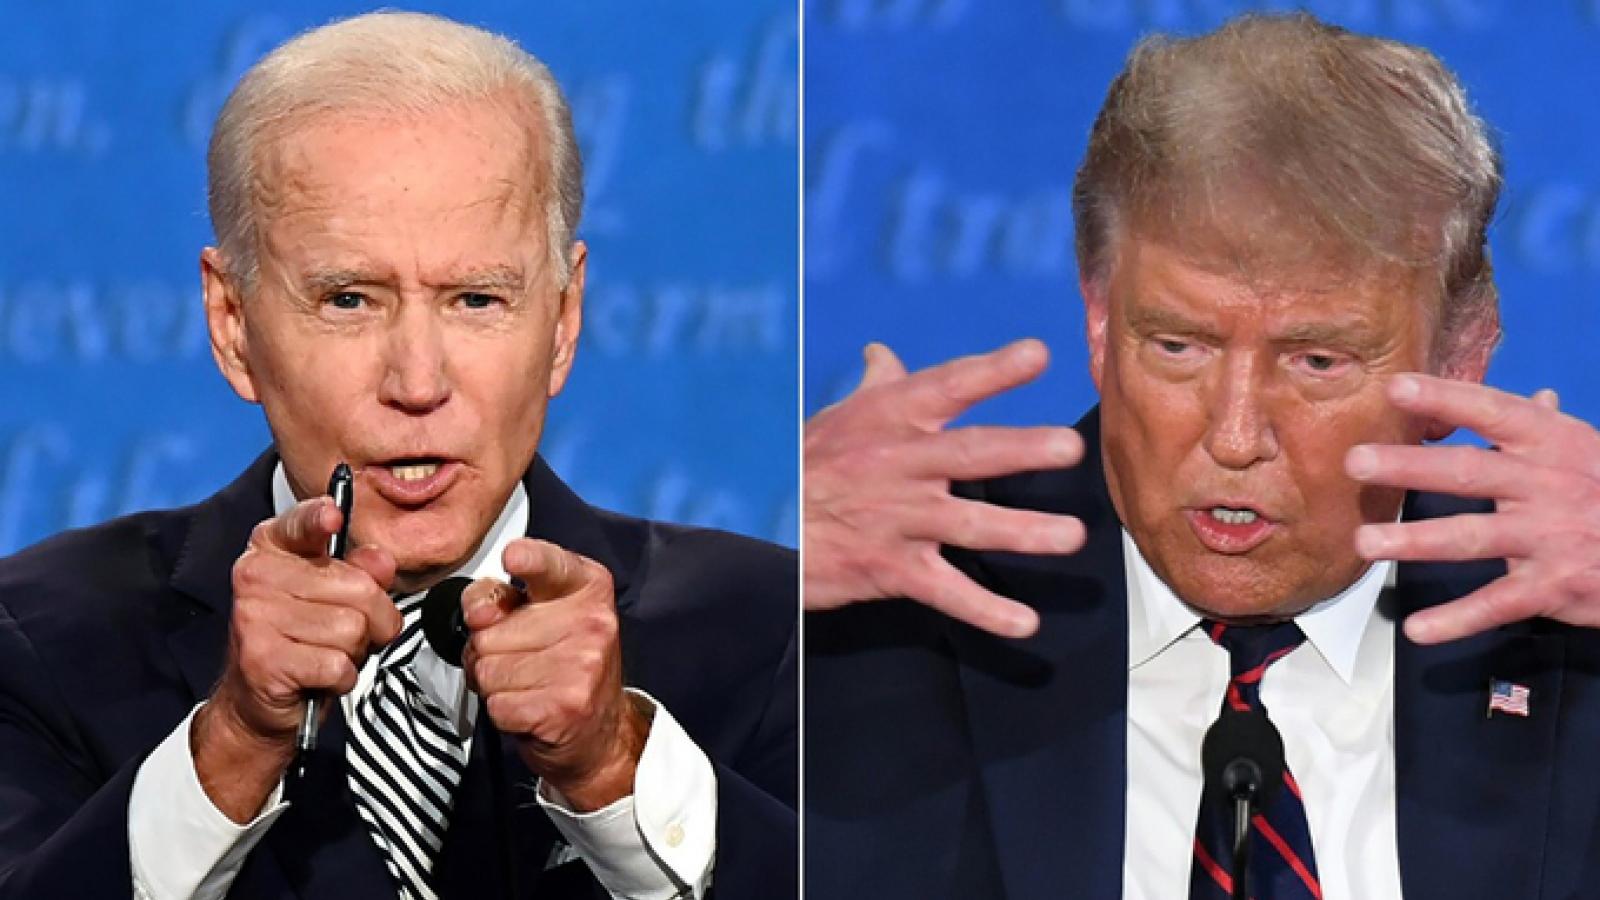 Dư luận về cuộc tranh luận đầu tiên giữa 2 ứng cử viên Tổng thống Mỹ